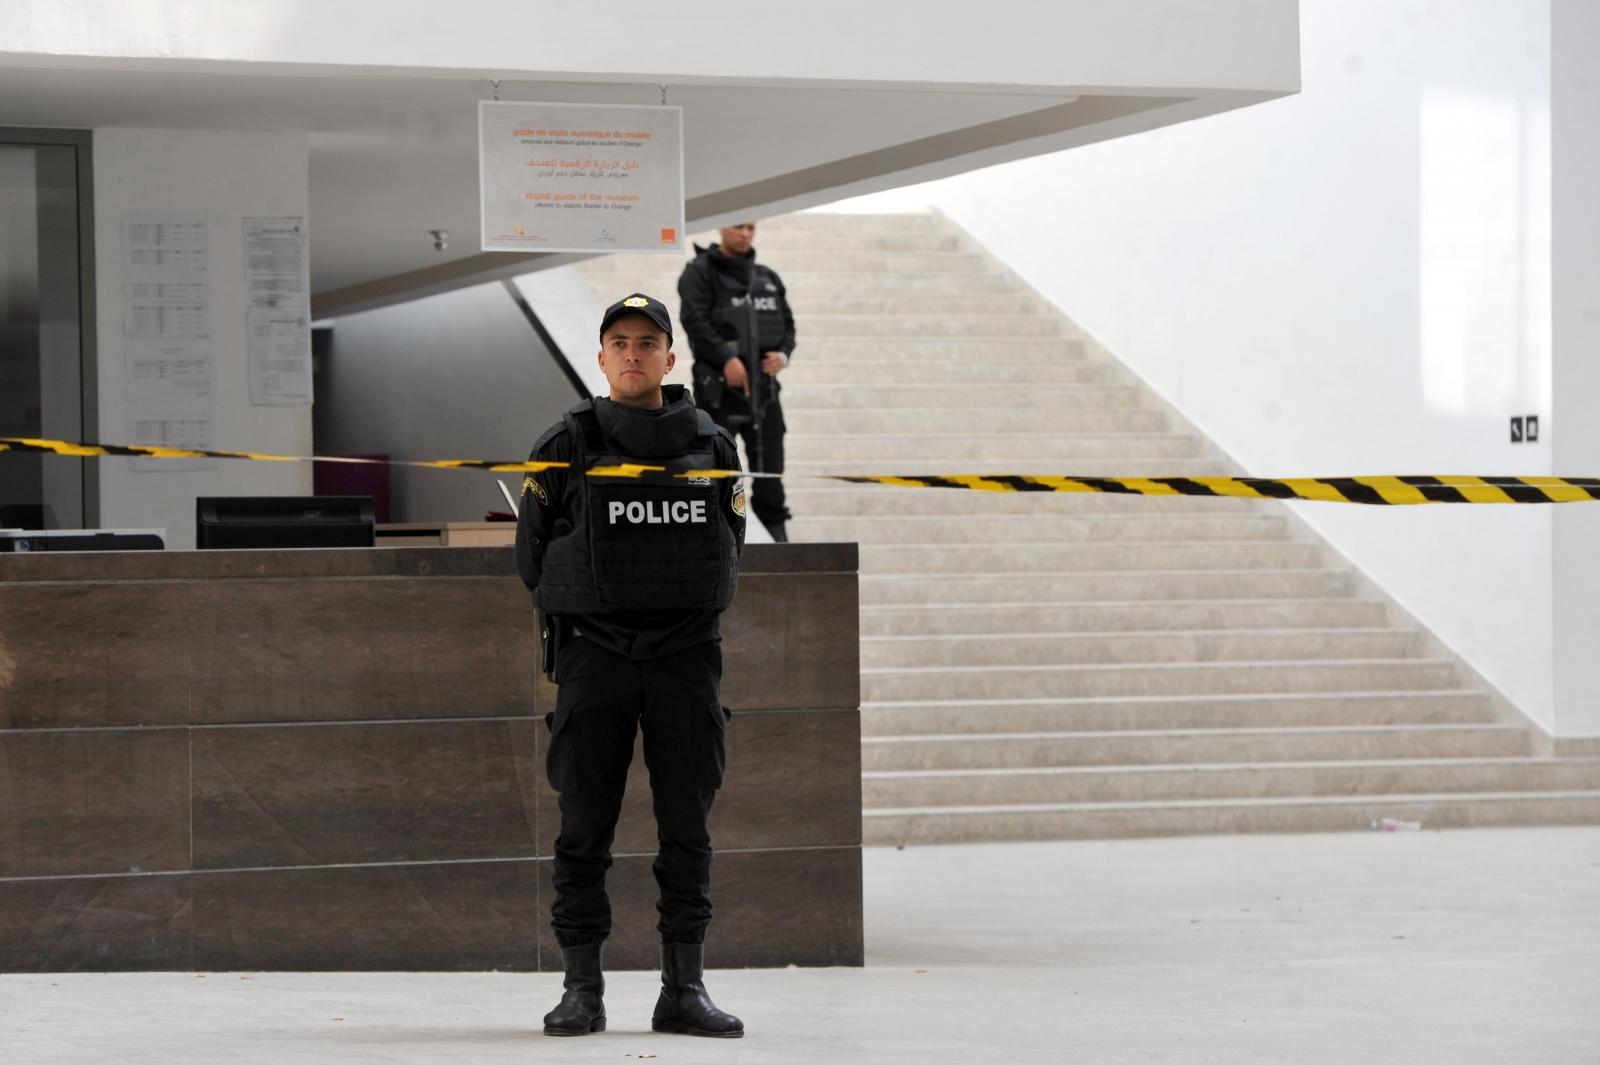 Tunisian Police Bardo Museum